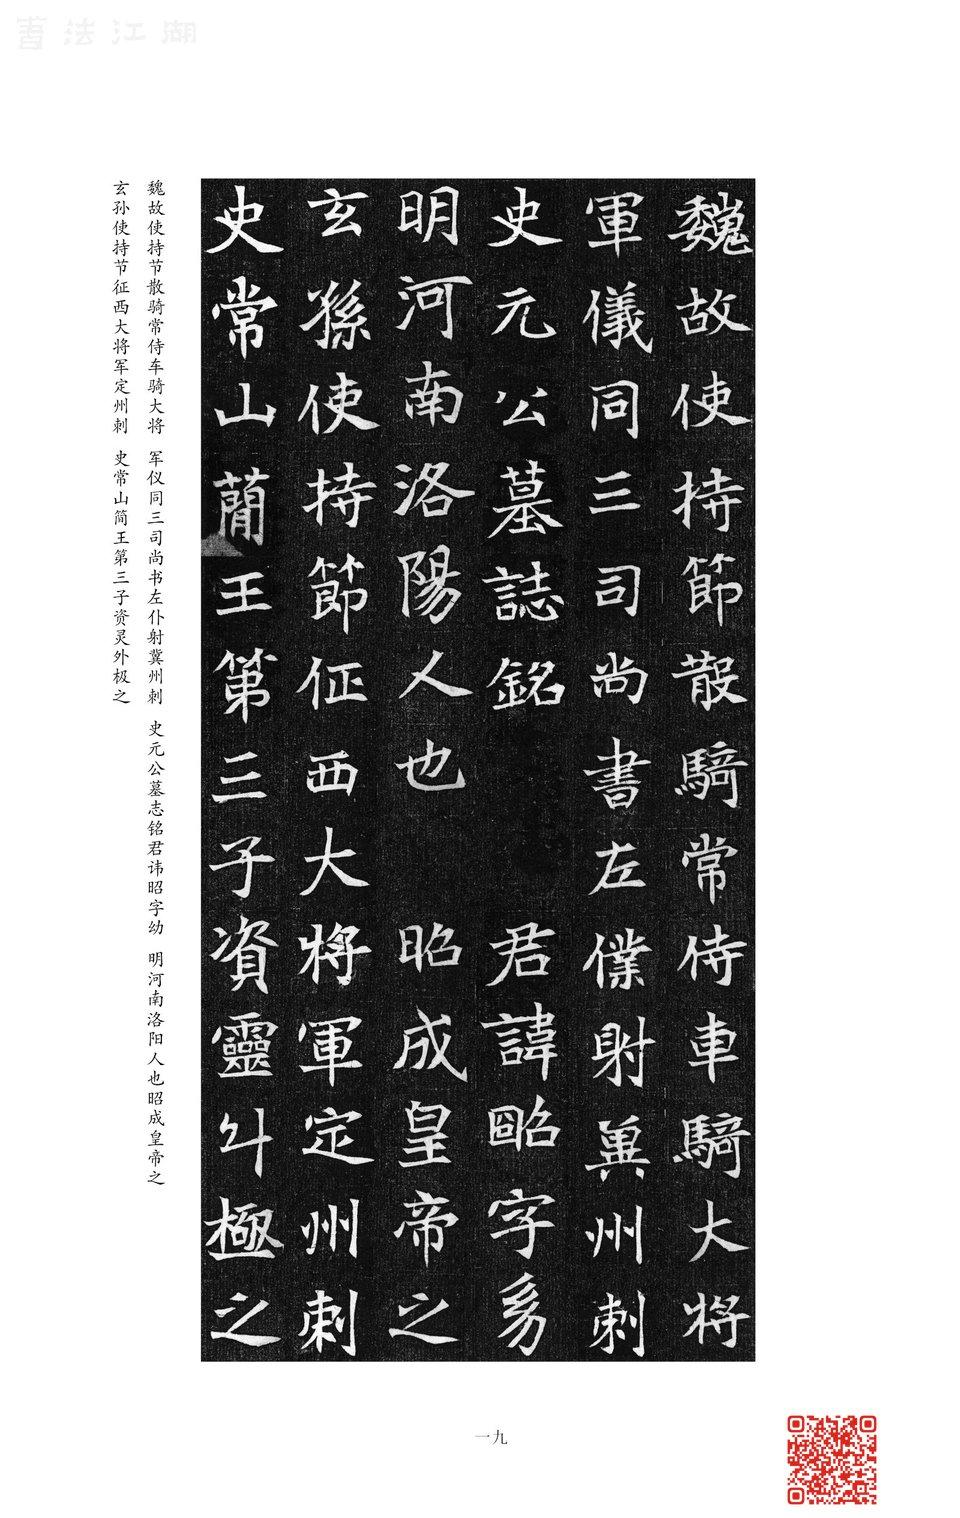 4-魏楷2-内页23.jpg